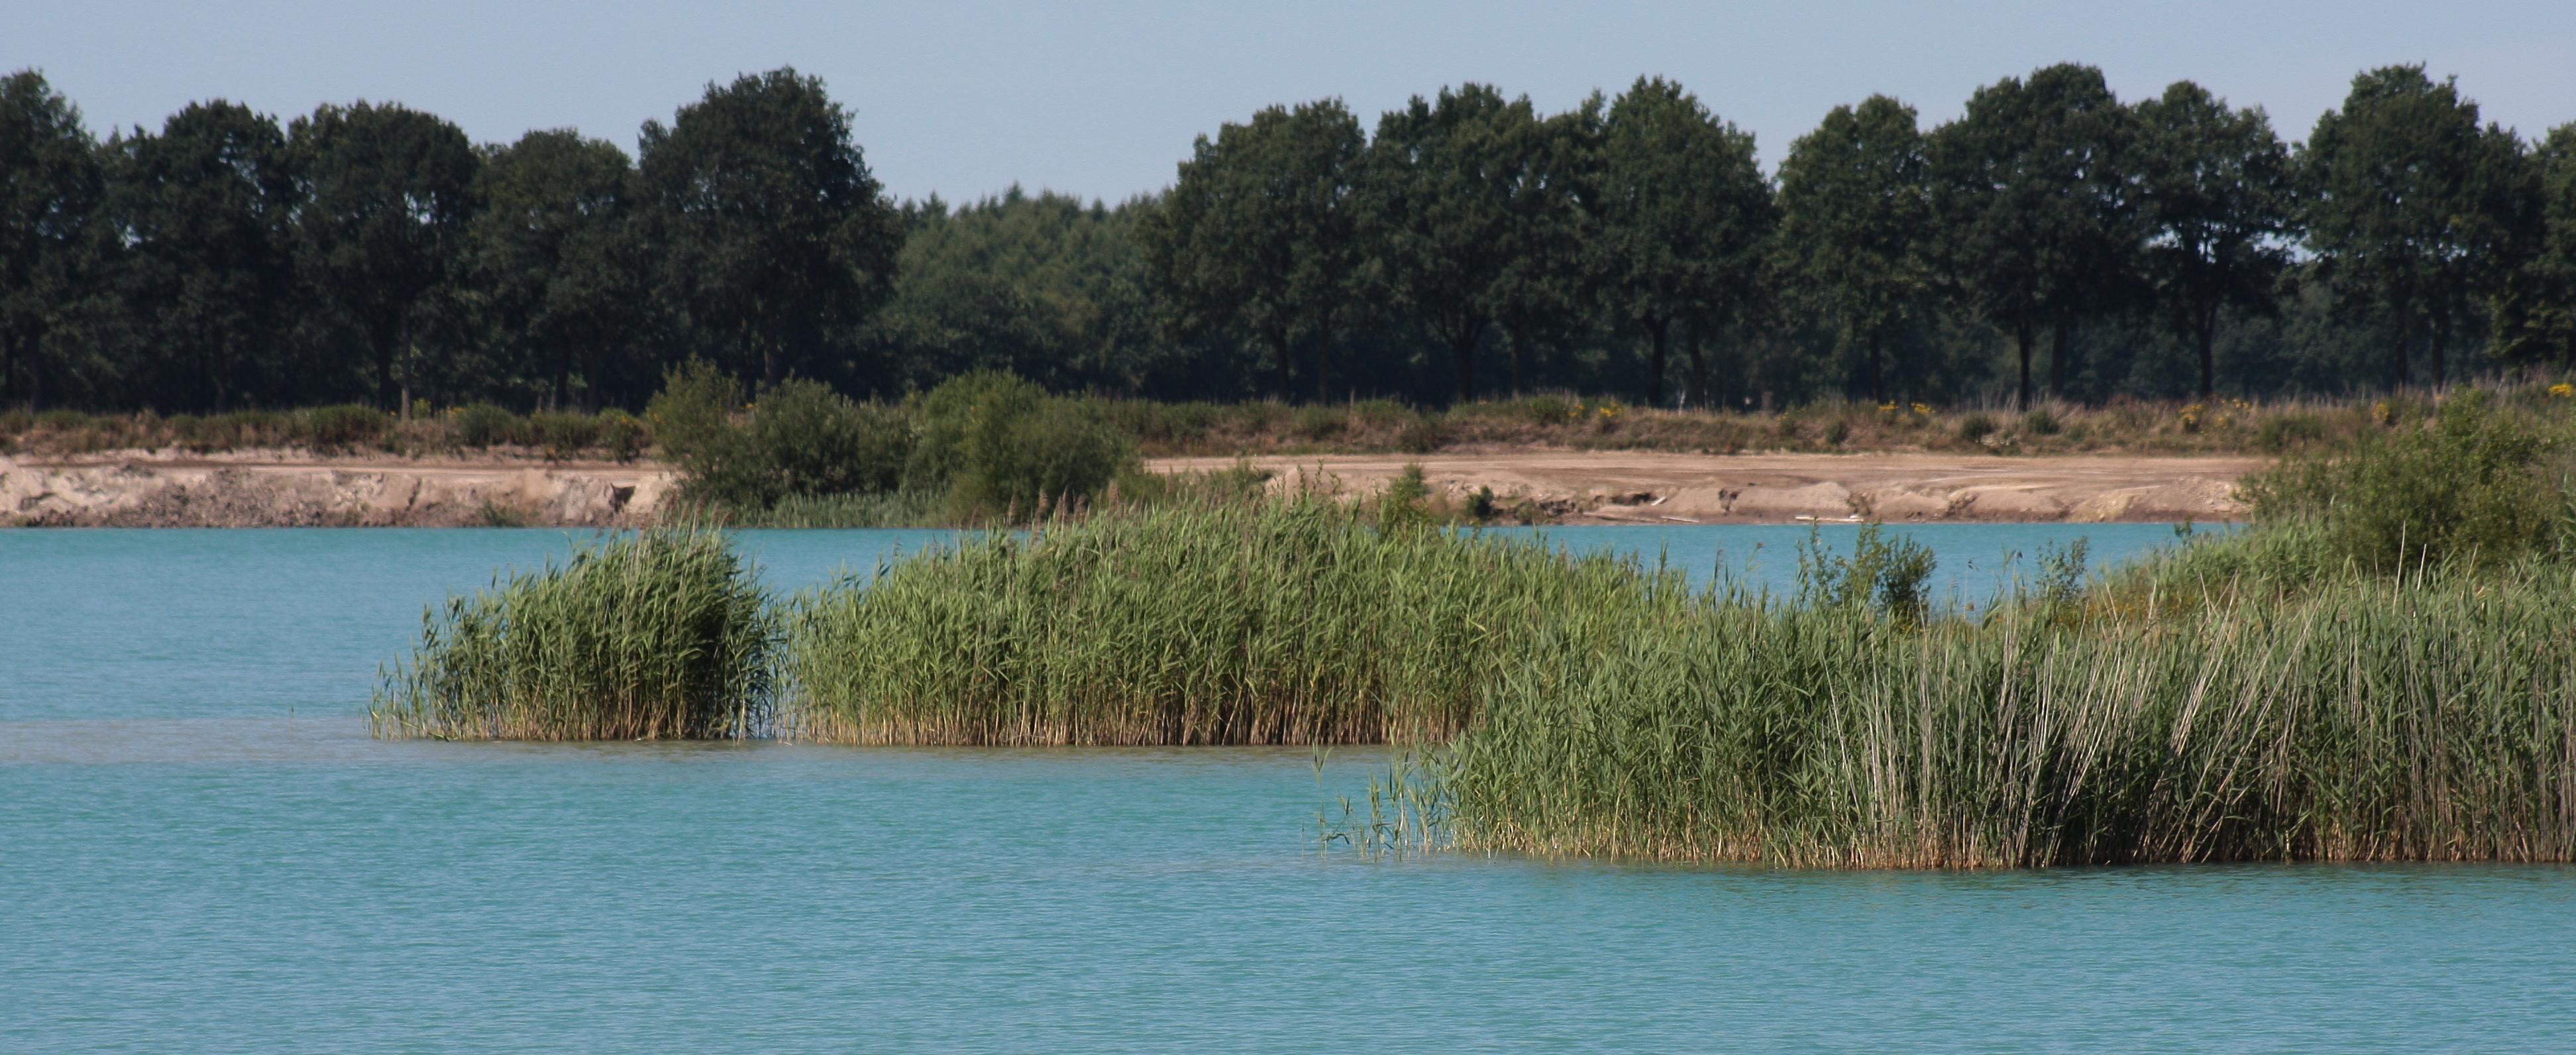 Zandgat-nieuw